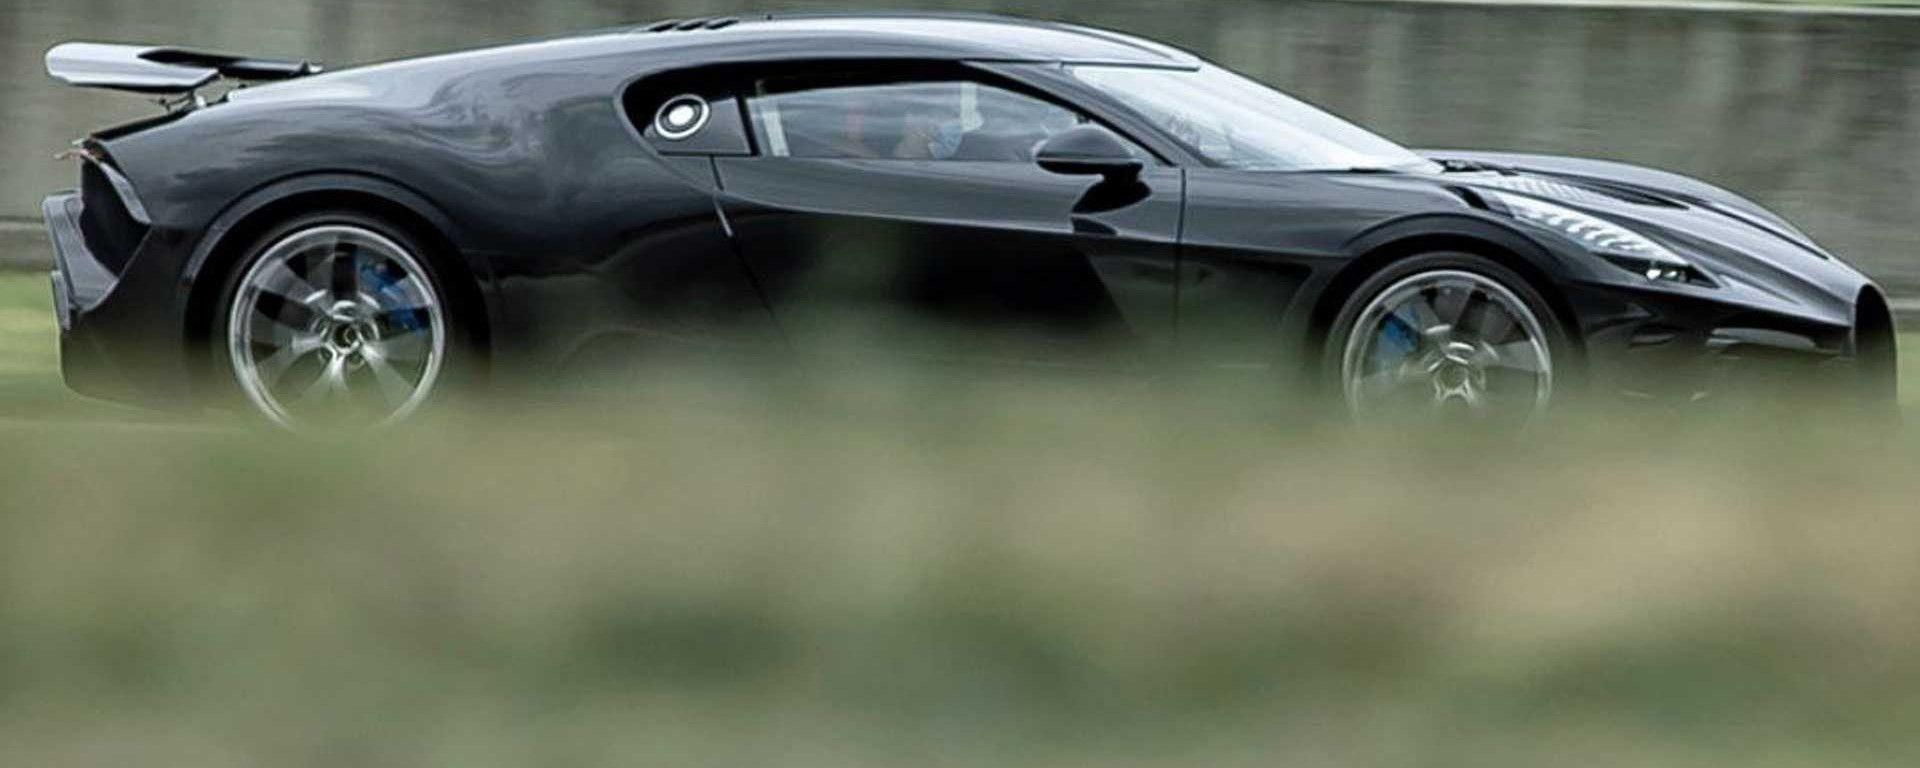 Bugatti La Voiture Noire: i test in pista della Hypercar francese